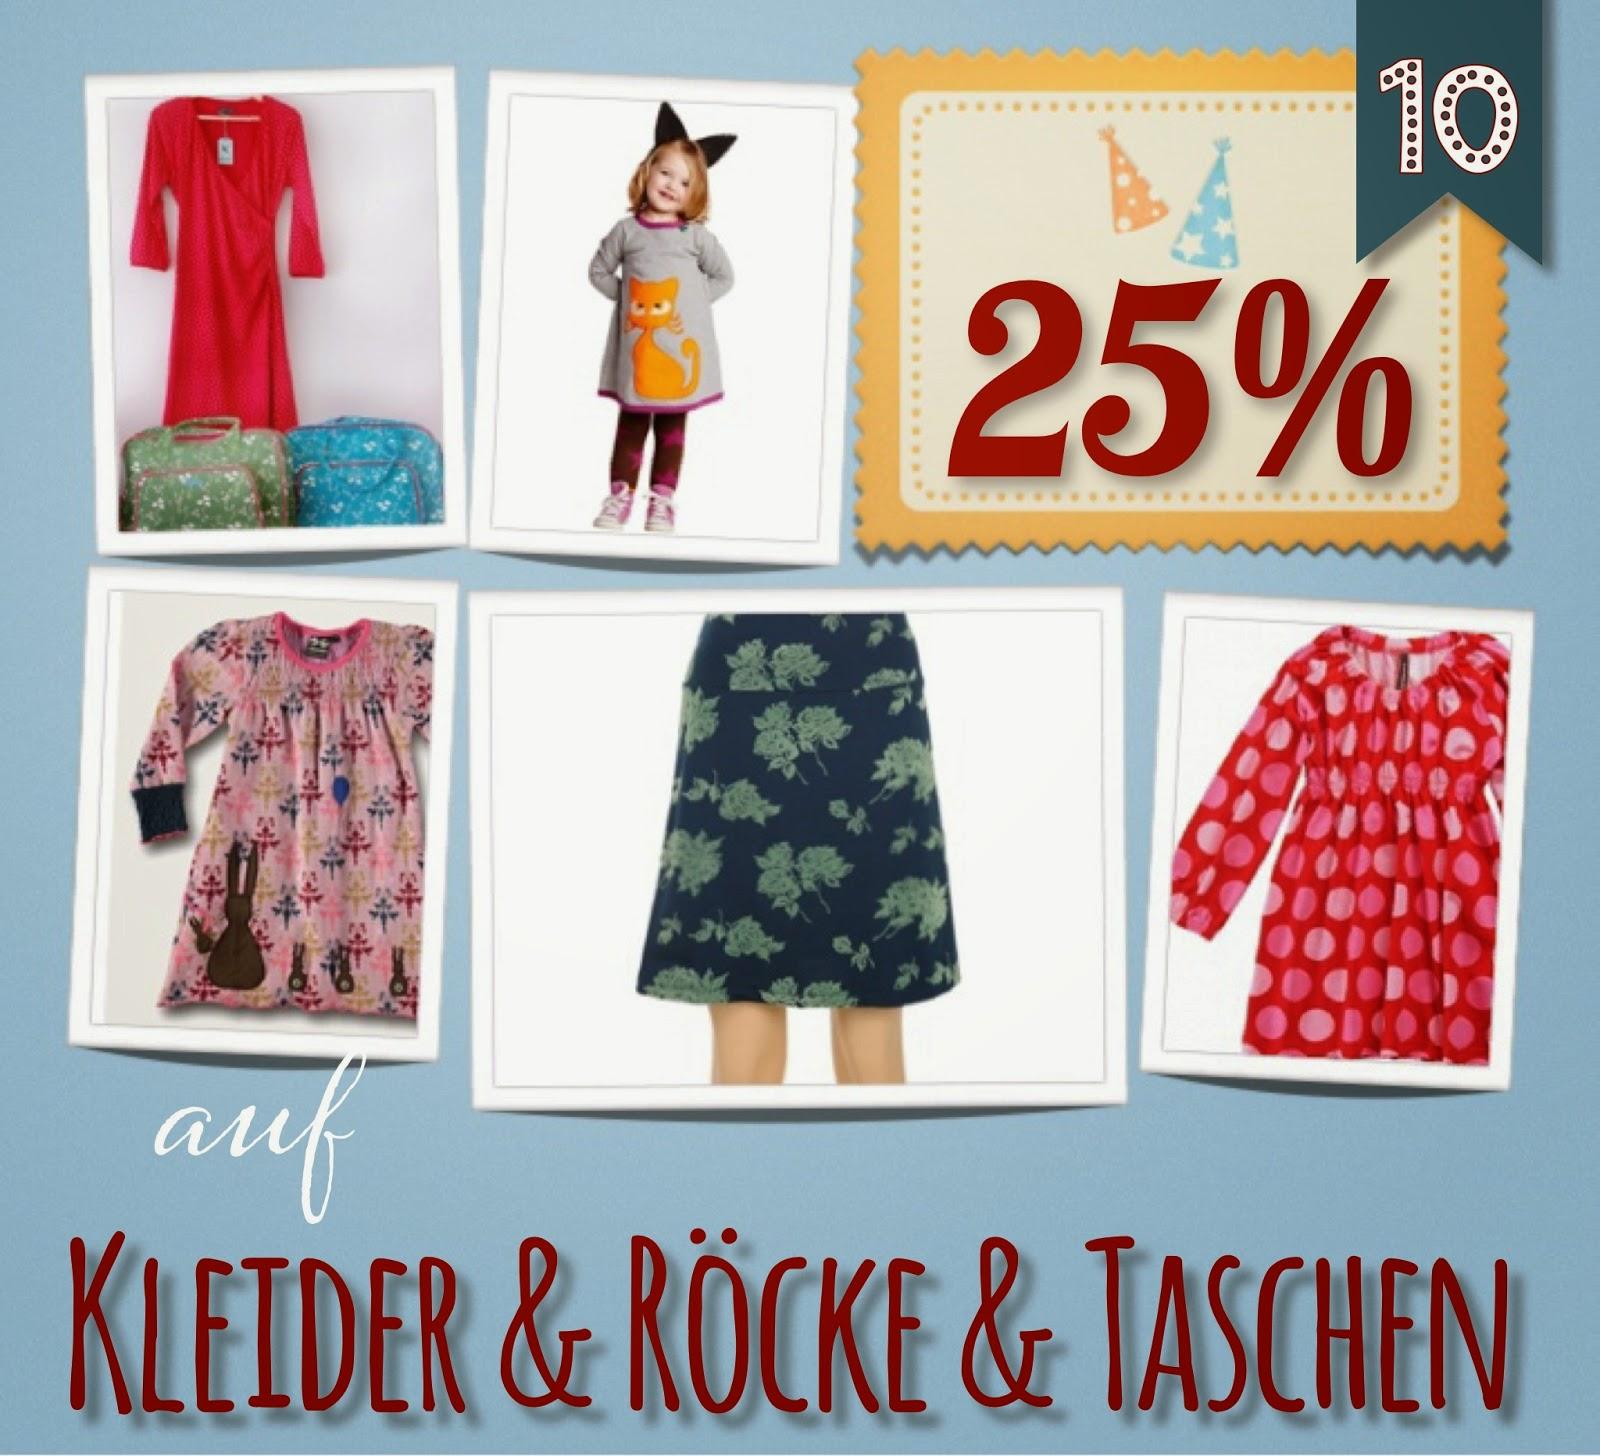 Türchen N°10 im Adventsmirakel: 25% auf Kleider, Röcke & Taschen! 1